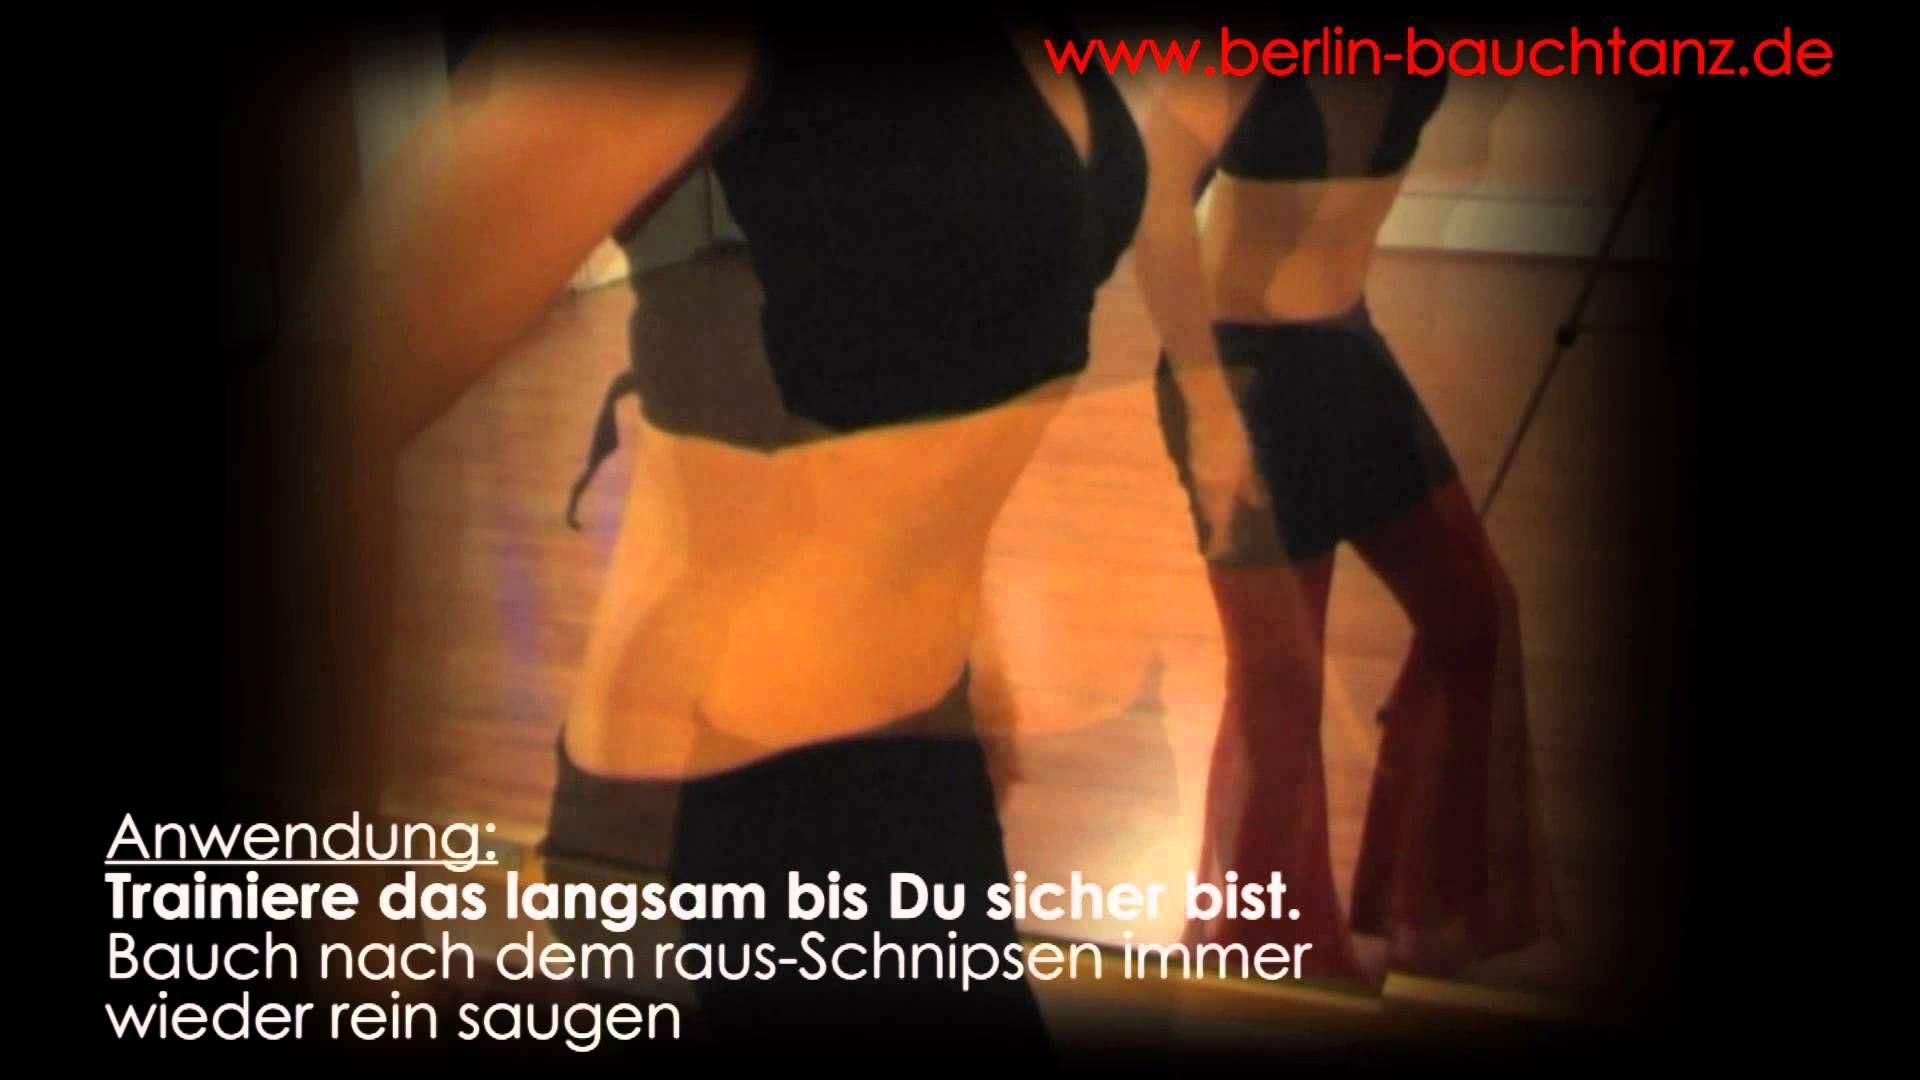 Bauchtanz lernen Bauchflattern Zwerchfellshimmy mitmach Übungsvideo Bauc...